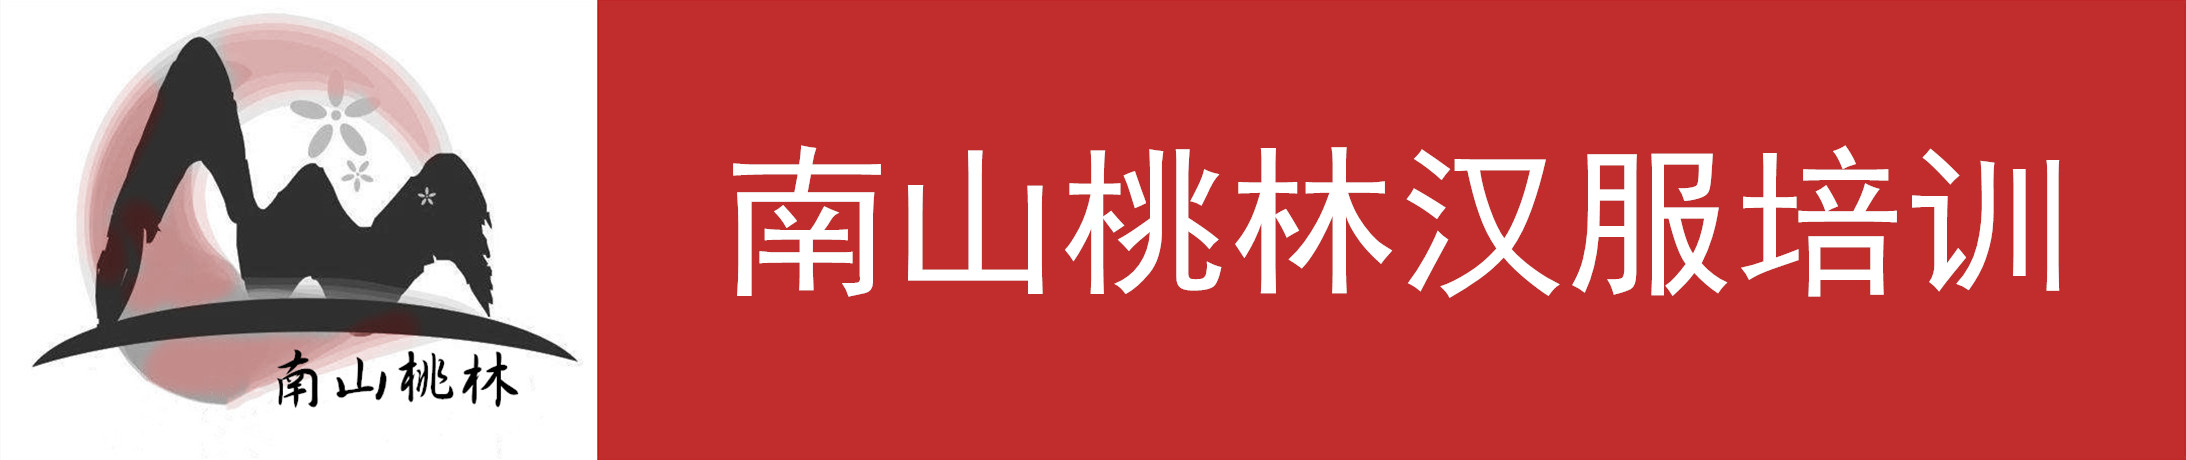 郑州市凌辰服装设计有限公司